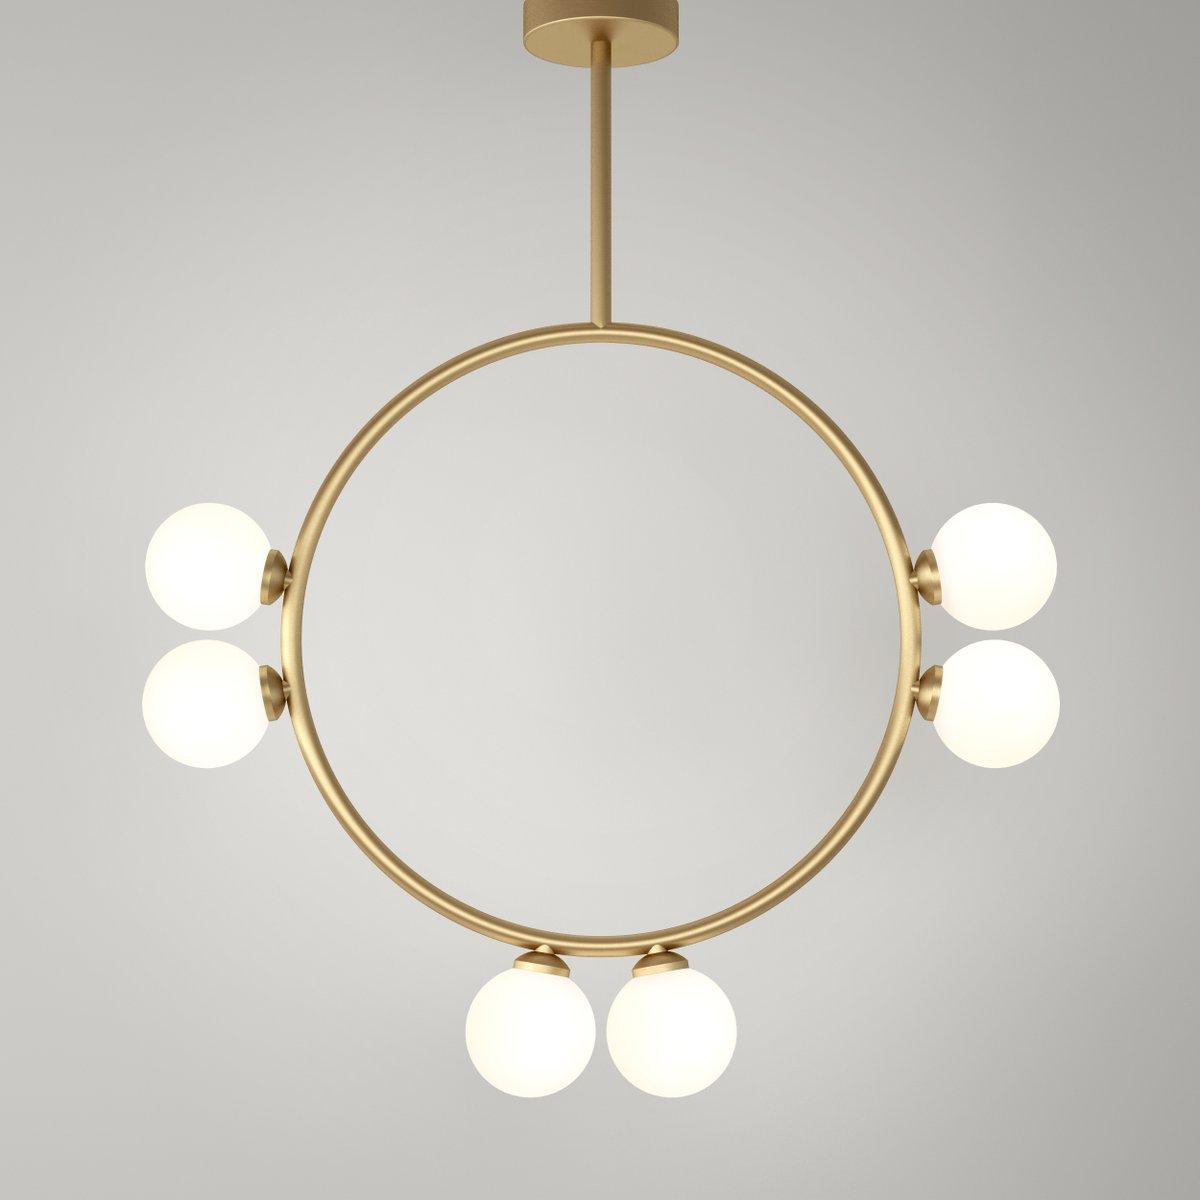 Circle Hängelampe mit 6 Glaskugeln von Atelier Areti